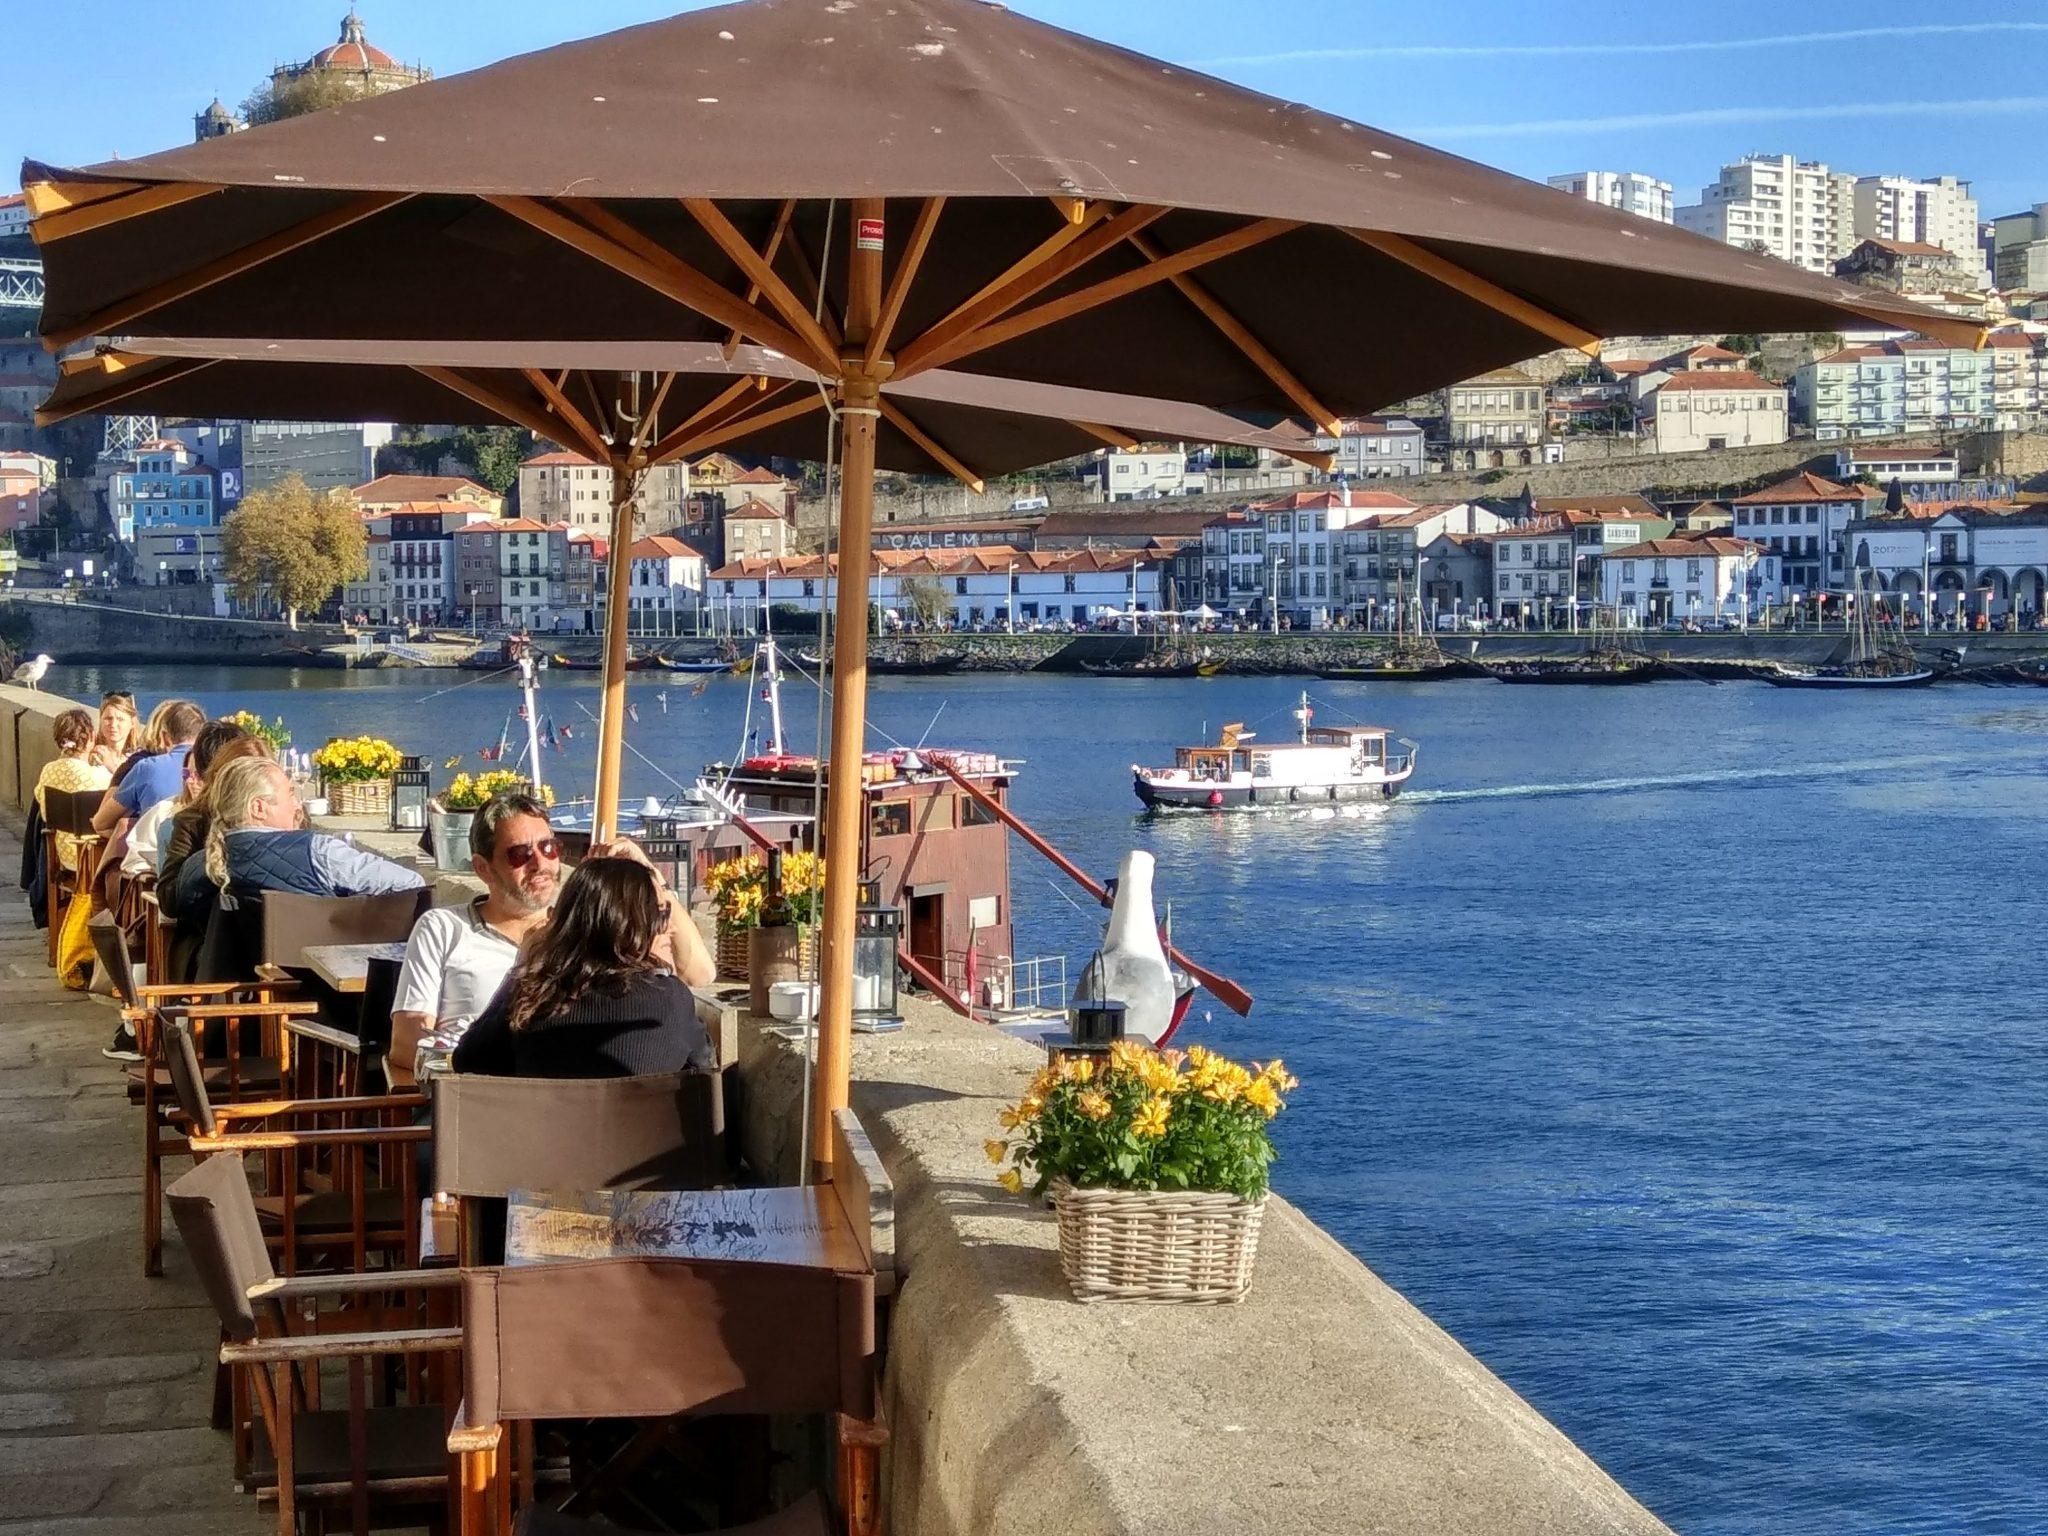 Imagen post 2 días en Oporto. Rivera del Duero - Pasaporte y Millas